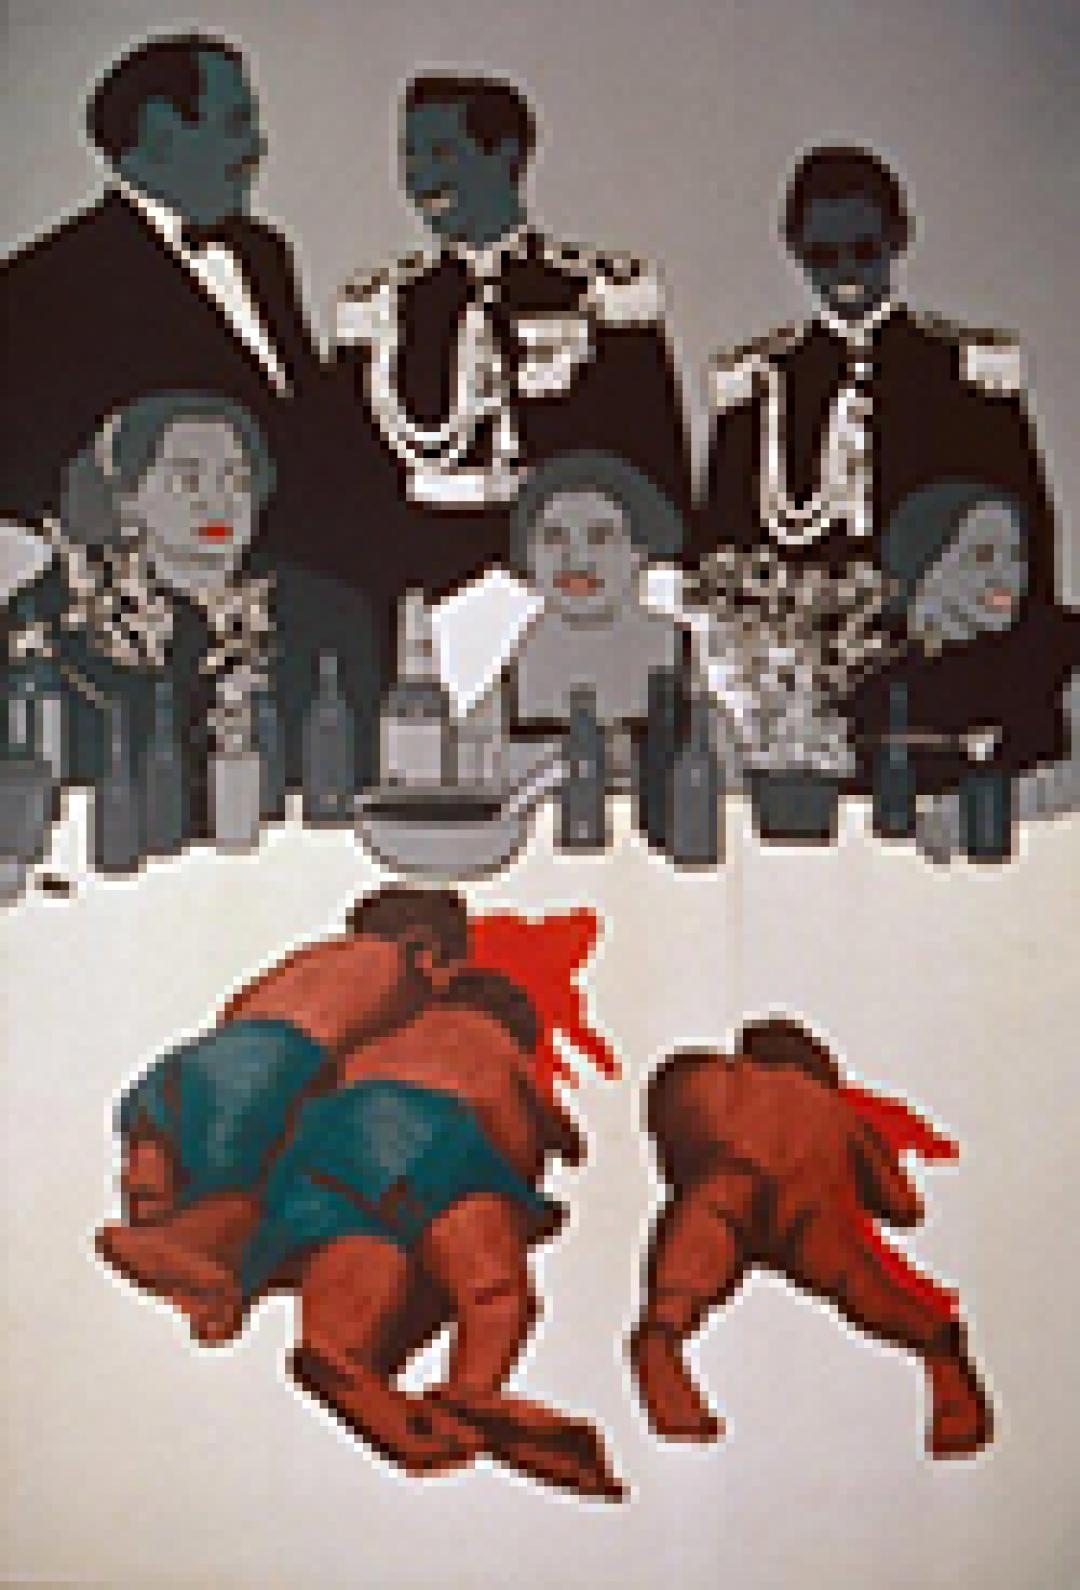 Juan Fuentes and Regina Mouton, The Last Supper, 1982